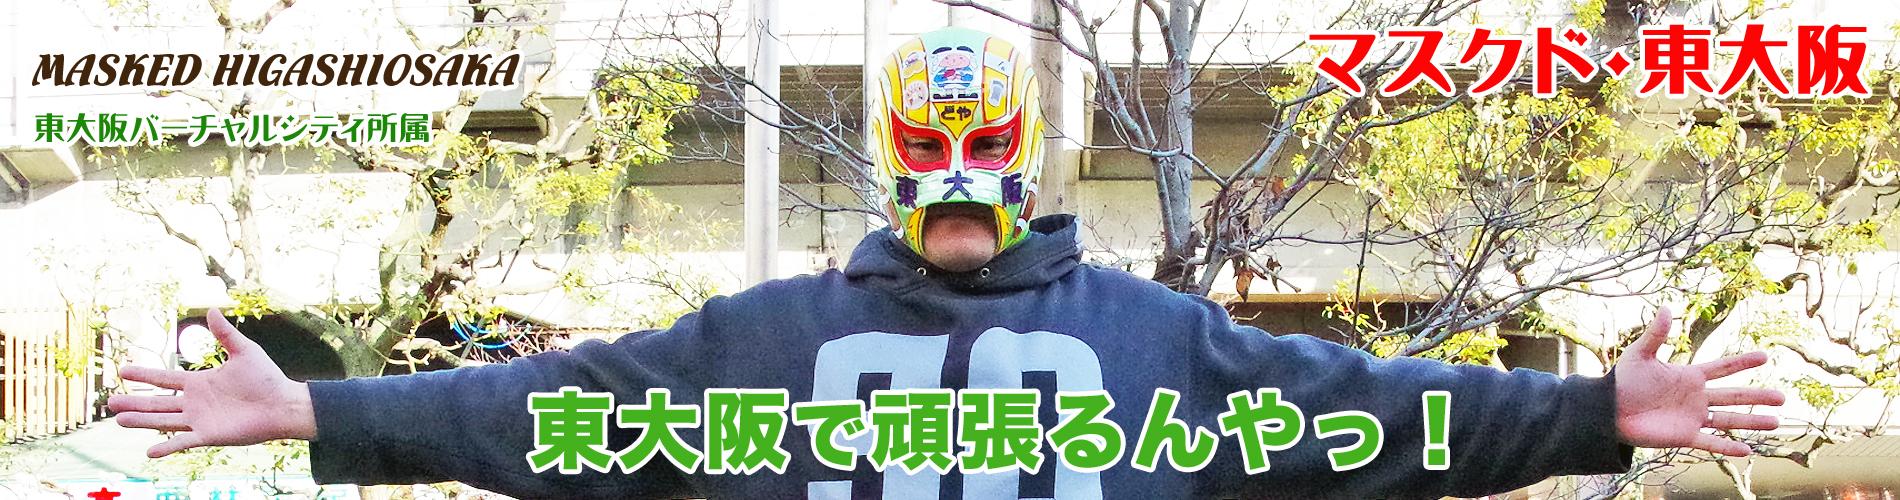 「マスクド・東大阪」は東大阪の地域活性を使命とする試合をしない東大阪バーチャルシティ所属の覆面レスラーです。